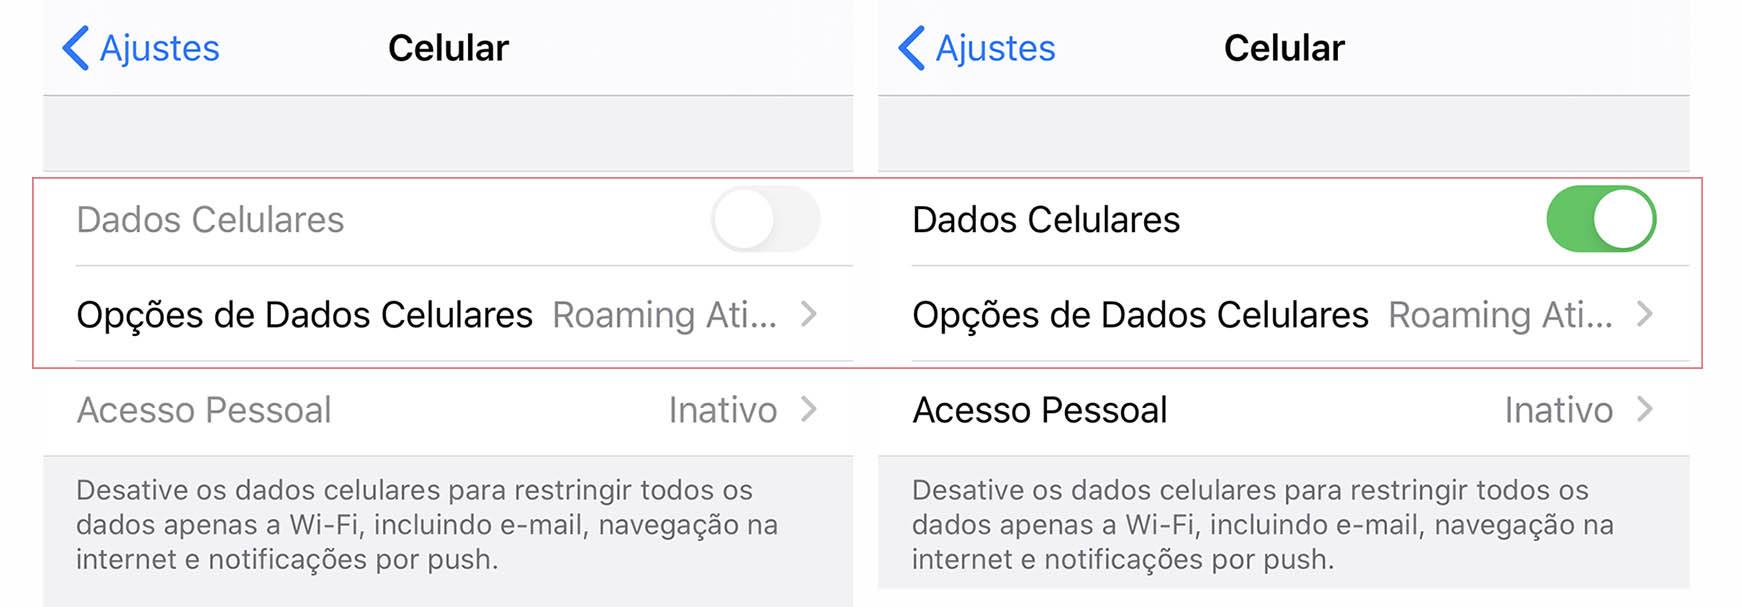 ativação de roaming para internet no exterior